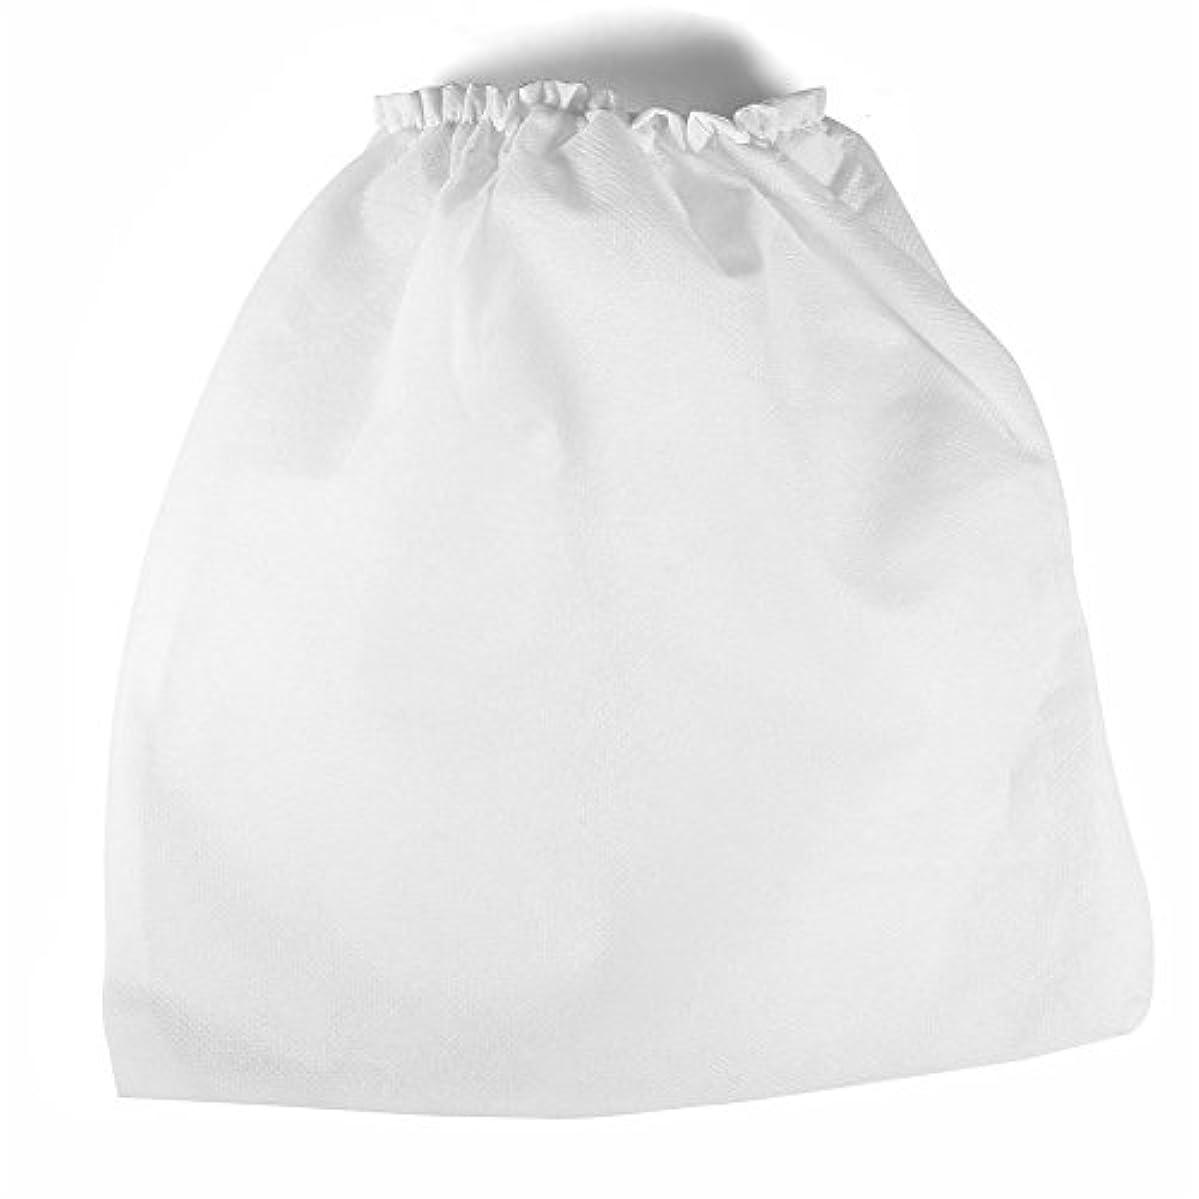 教育パトロール副ネイル不織布掃除機 ストコレクター ネイルのほこりを吸って 収集袋10枚